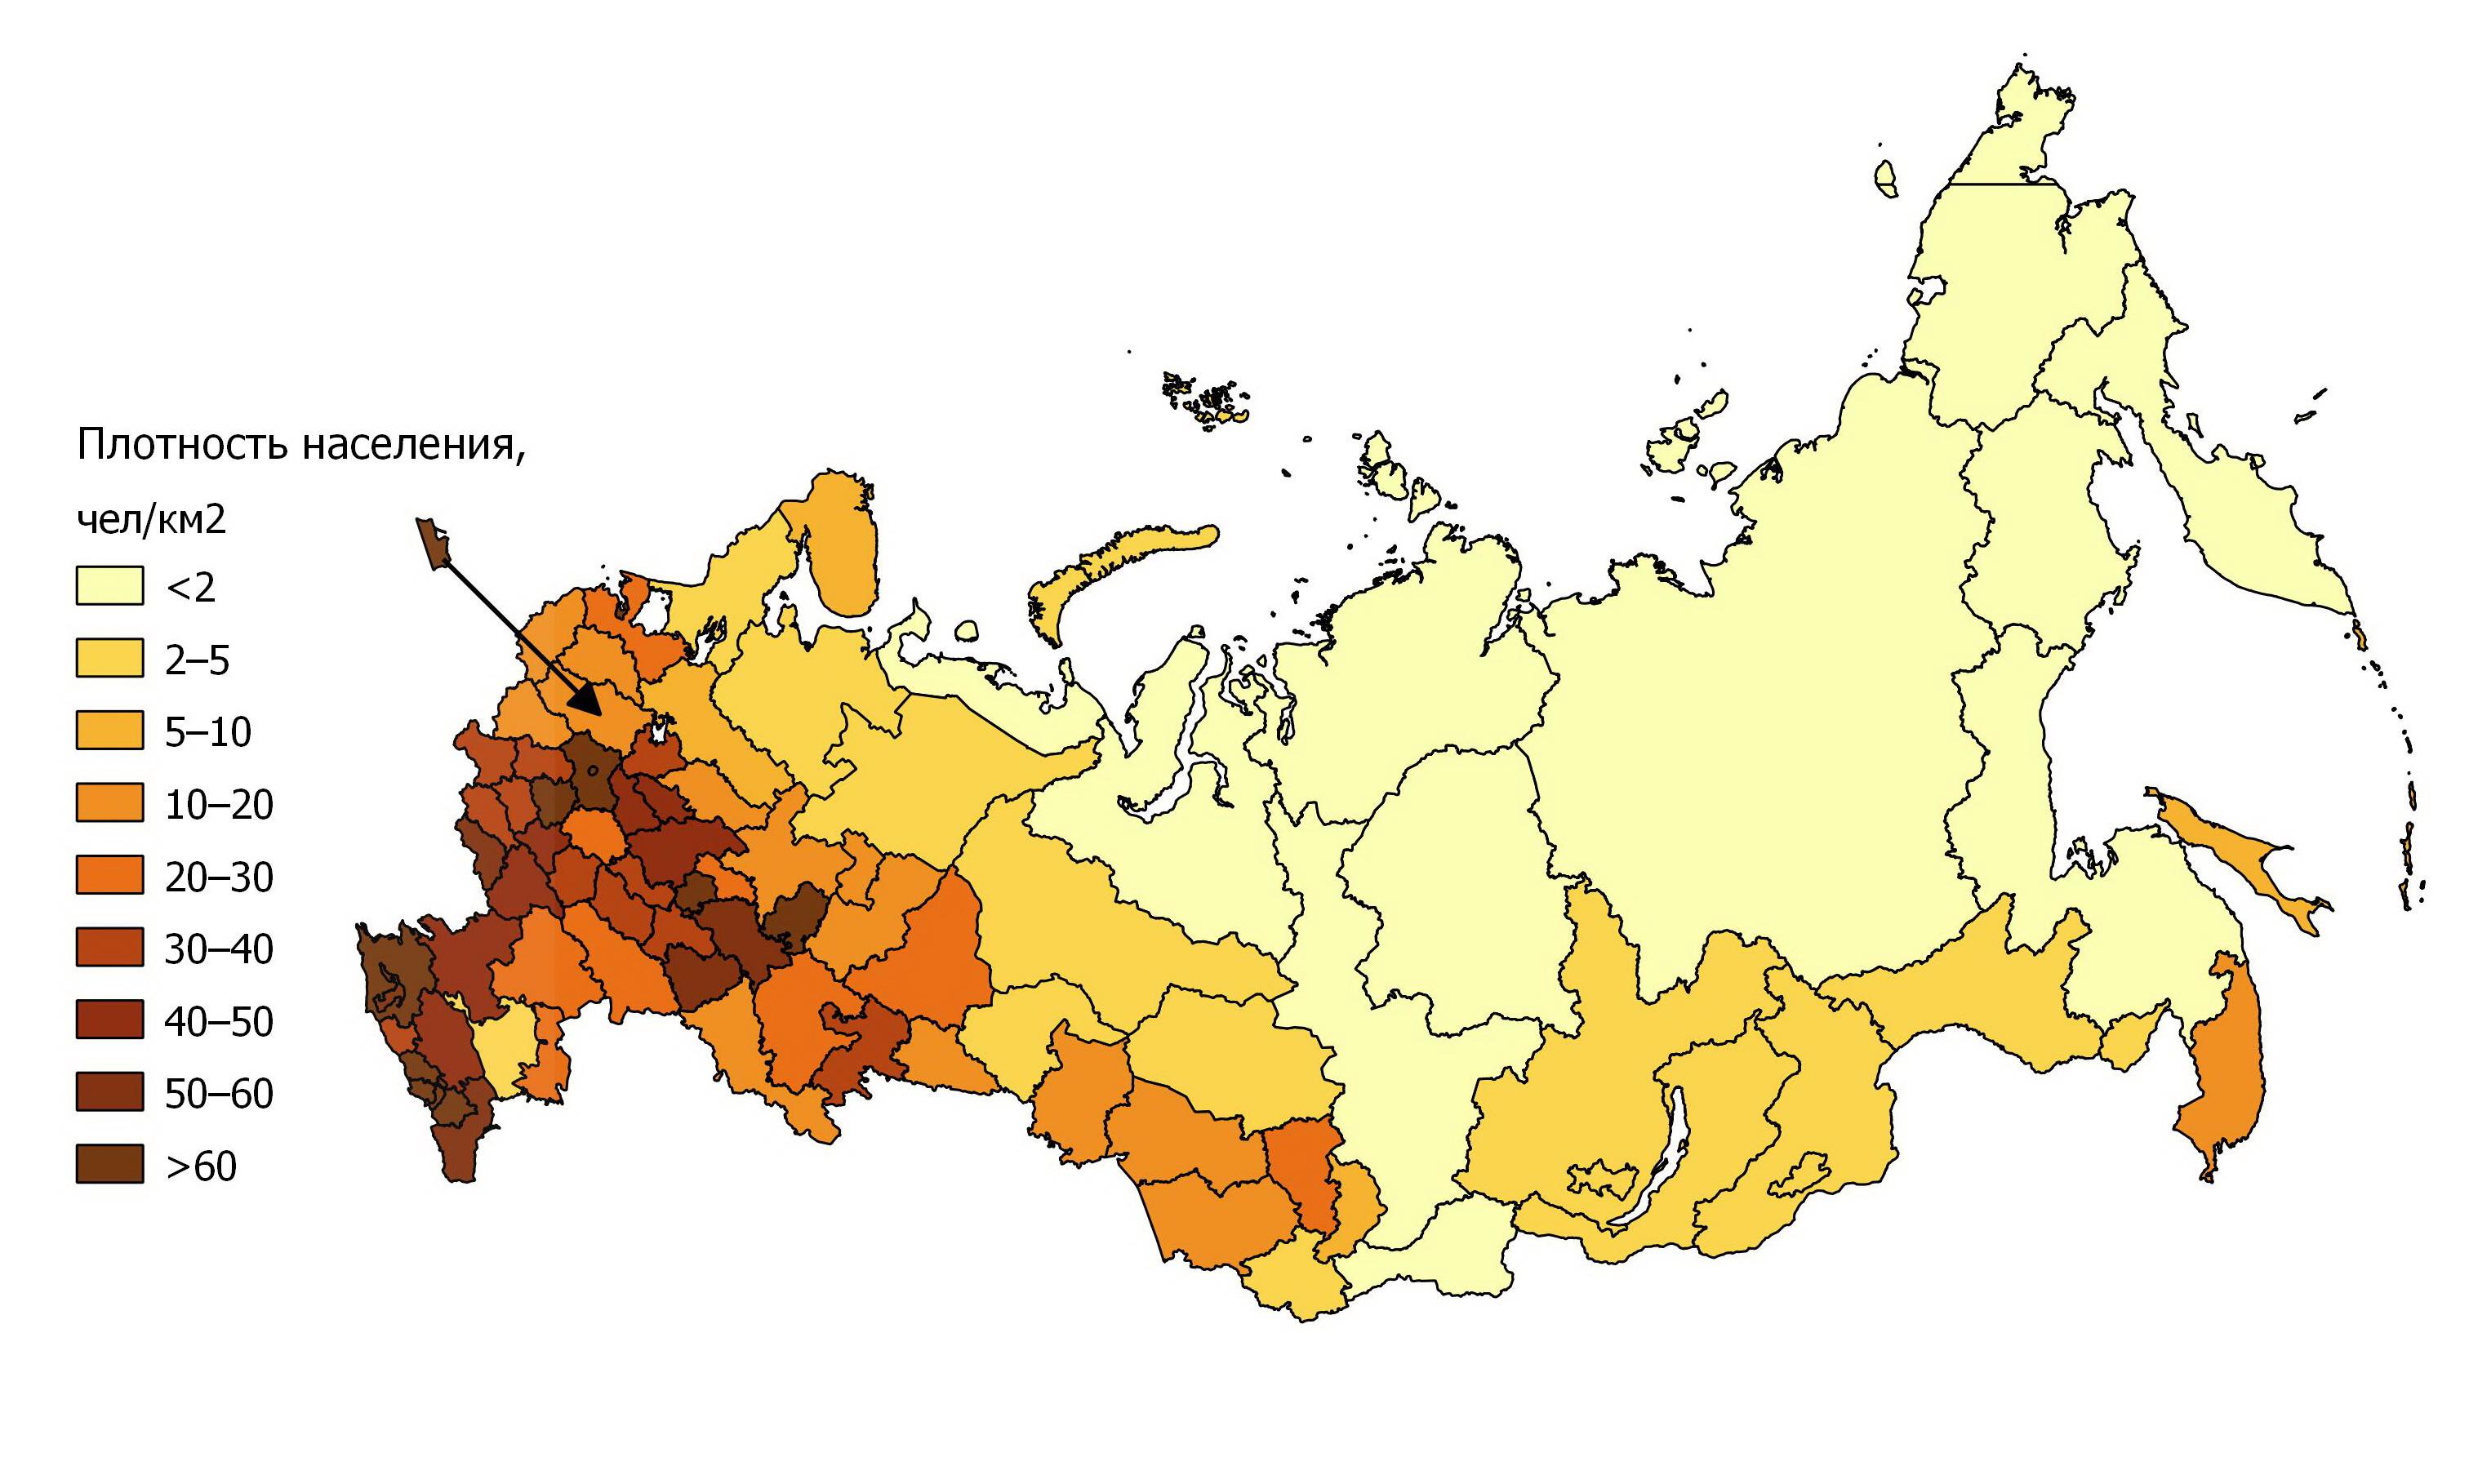 Плотность населения россии доклад 8518